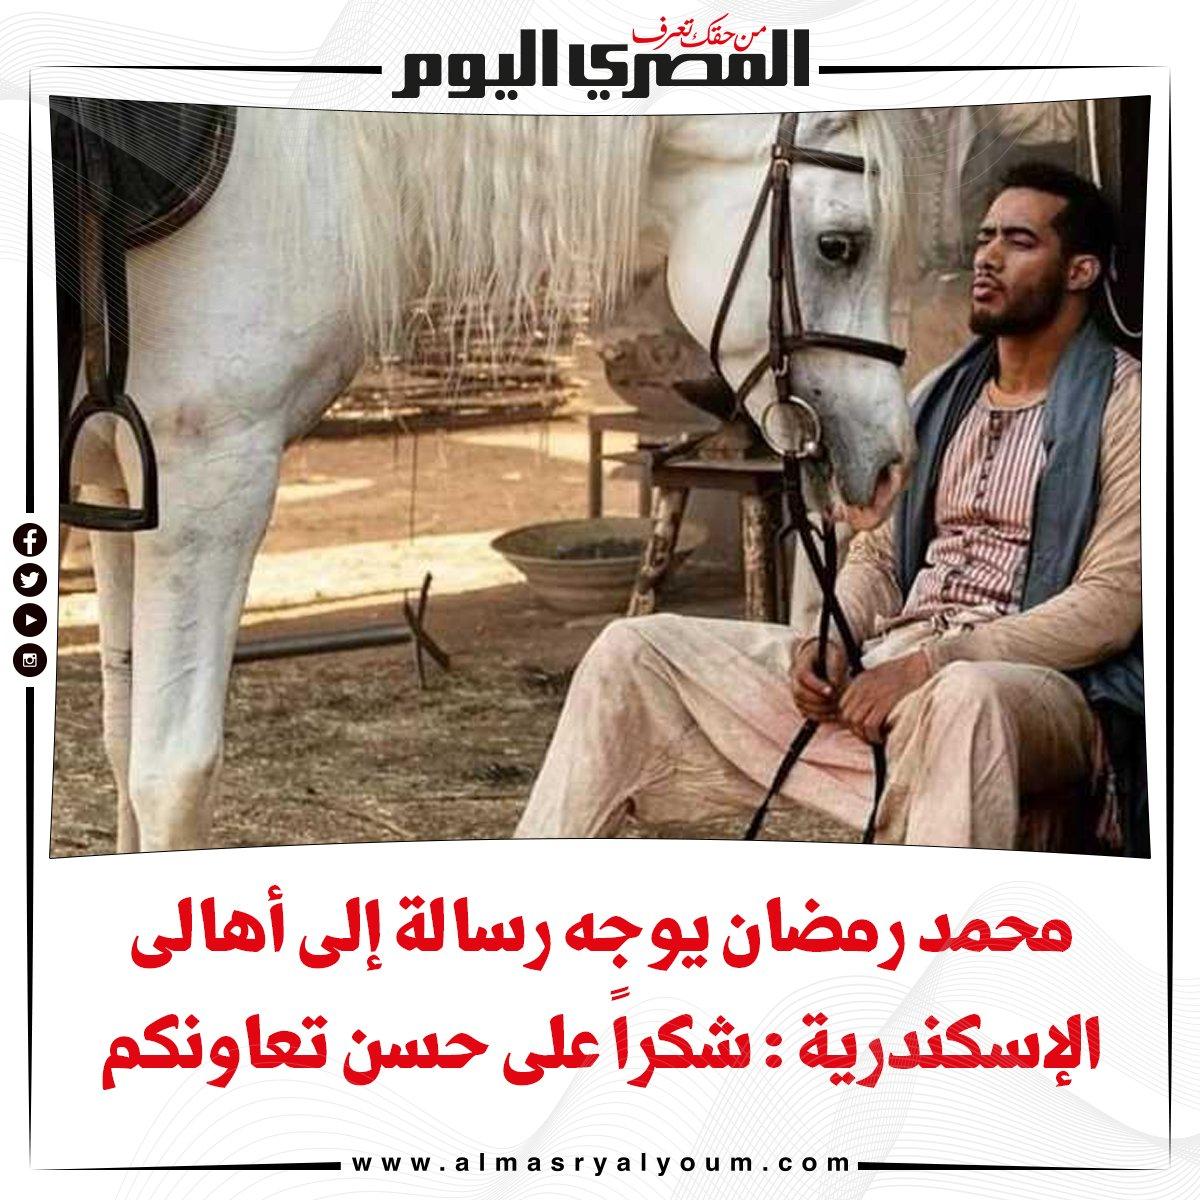 بالفيديو محمد رمضان يوجه رسالة إلى أهالى الإسكندرية شكراً على حسن تعاونكم شاهد